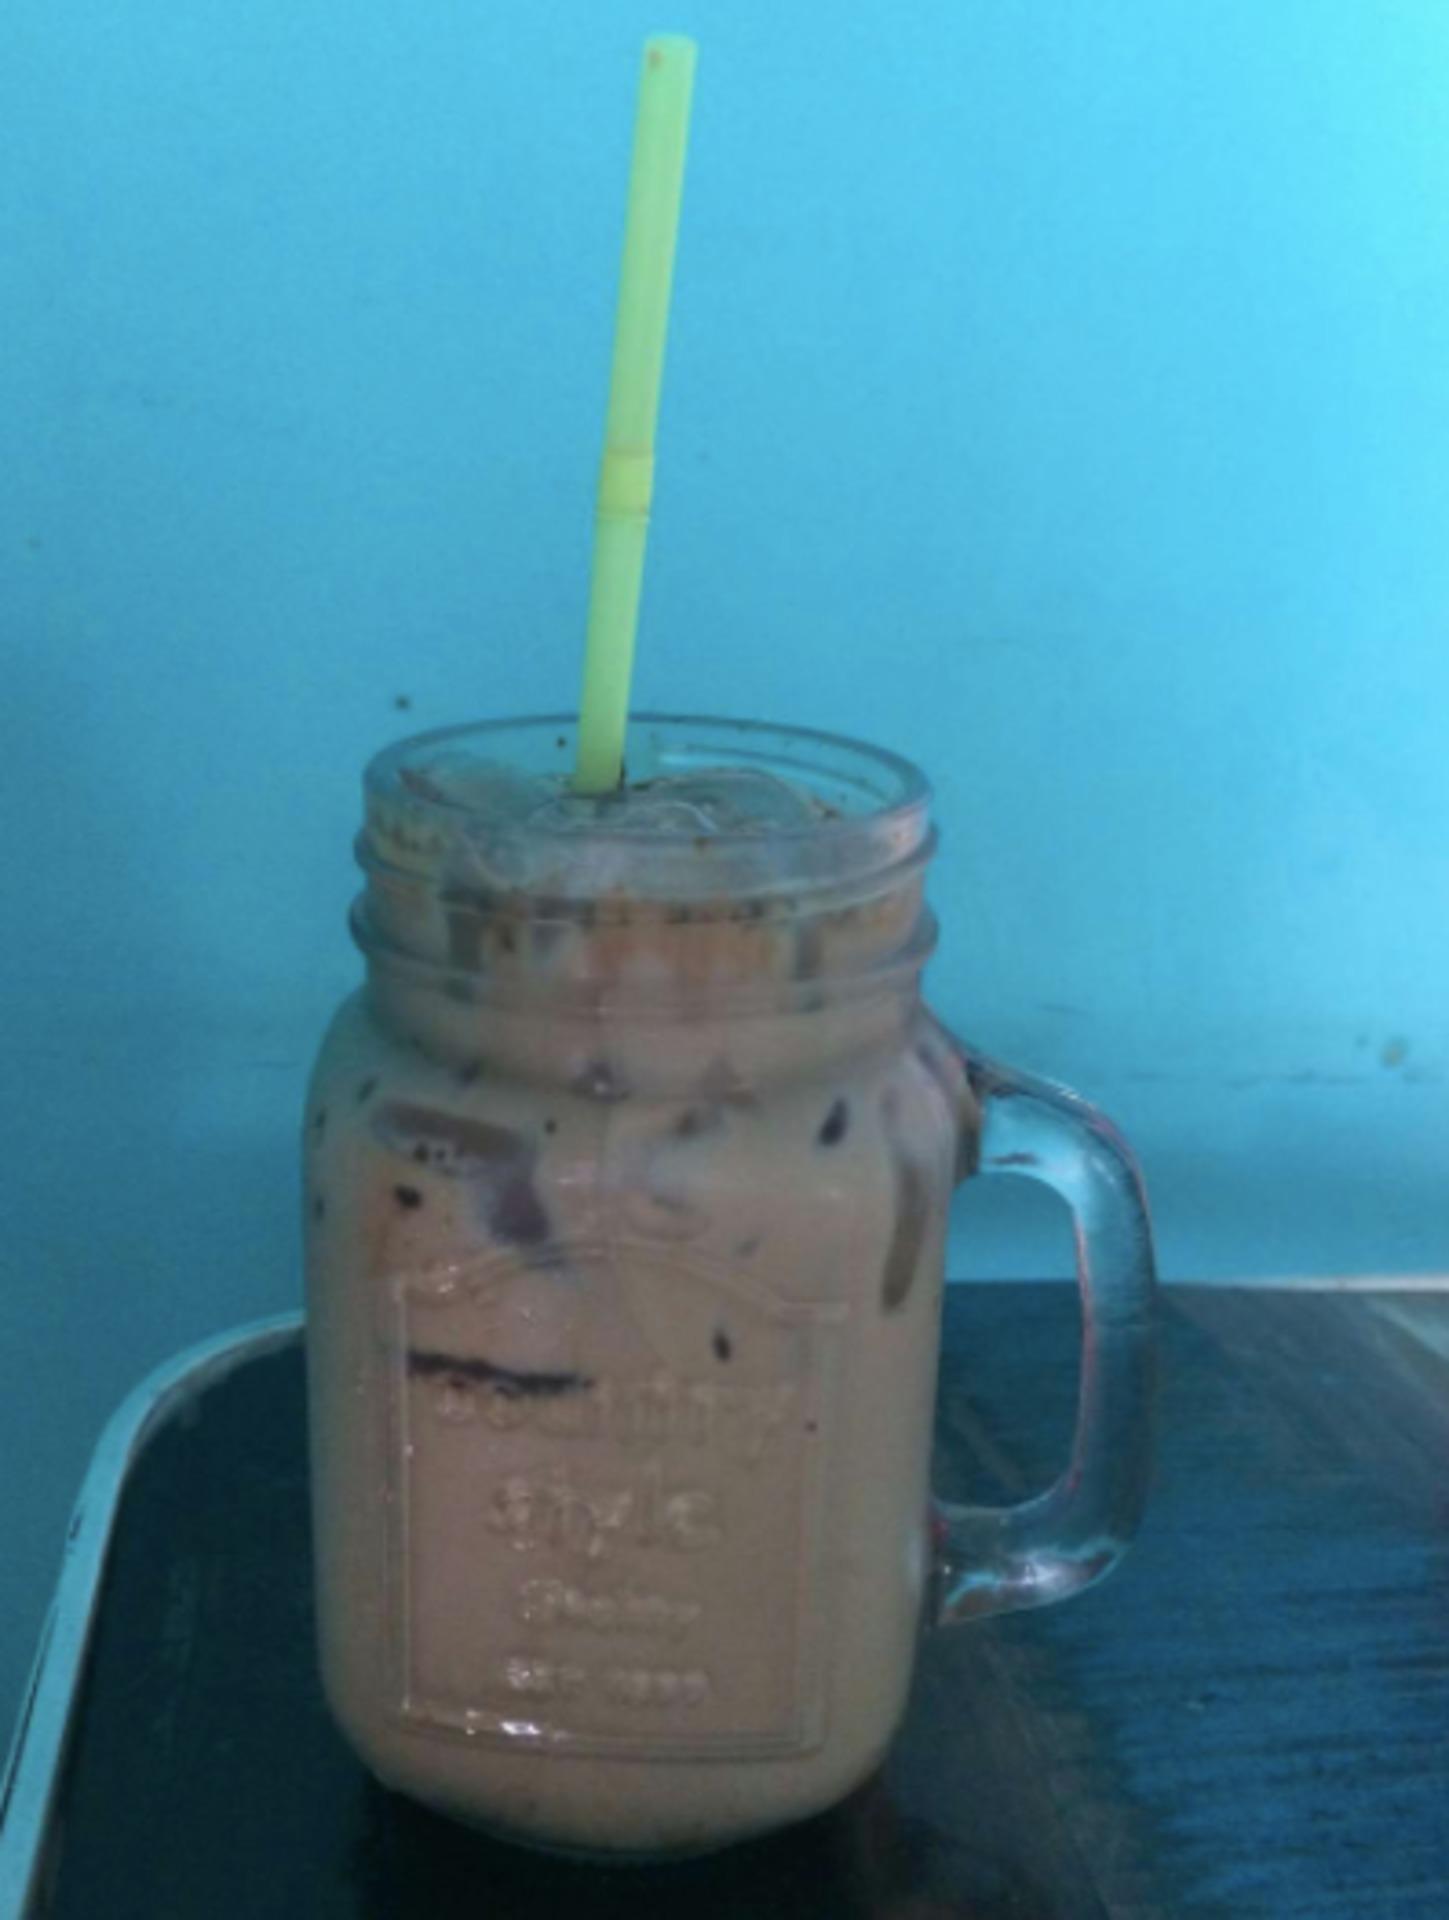 Cafe Buzzinga image